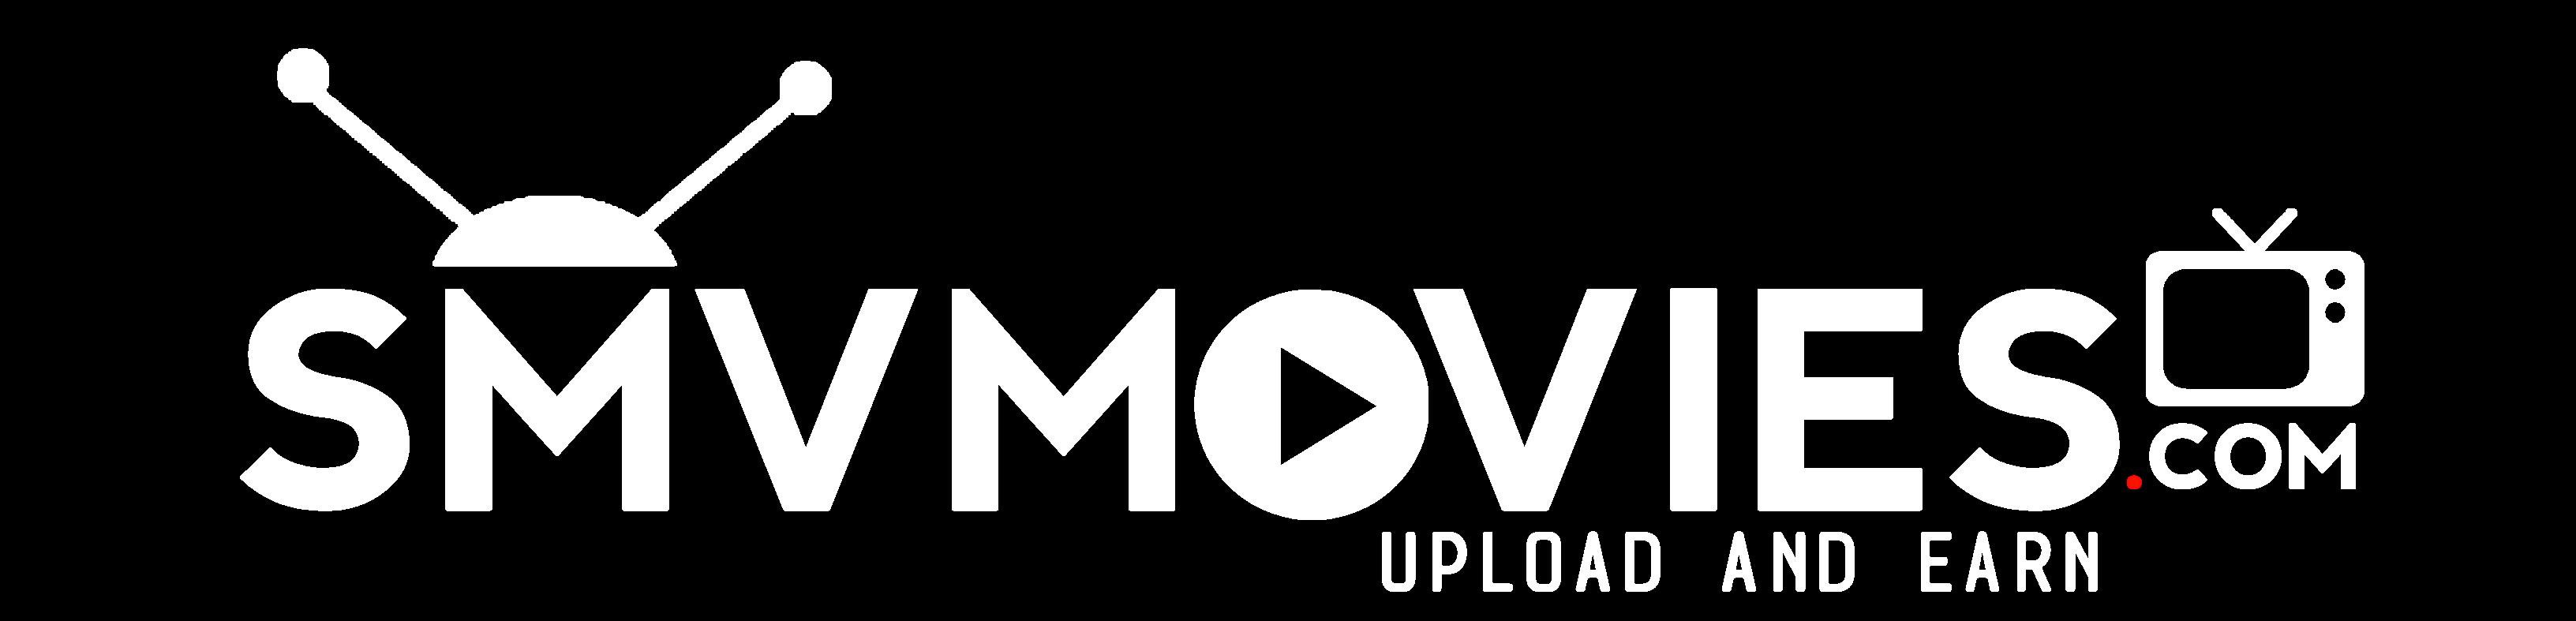 SMVMOVIES.COM